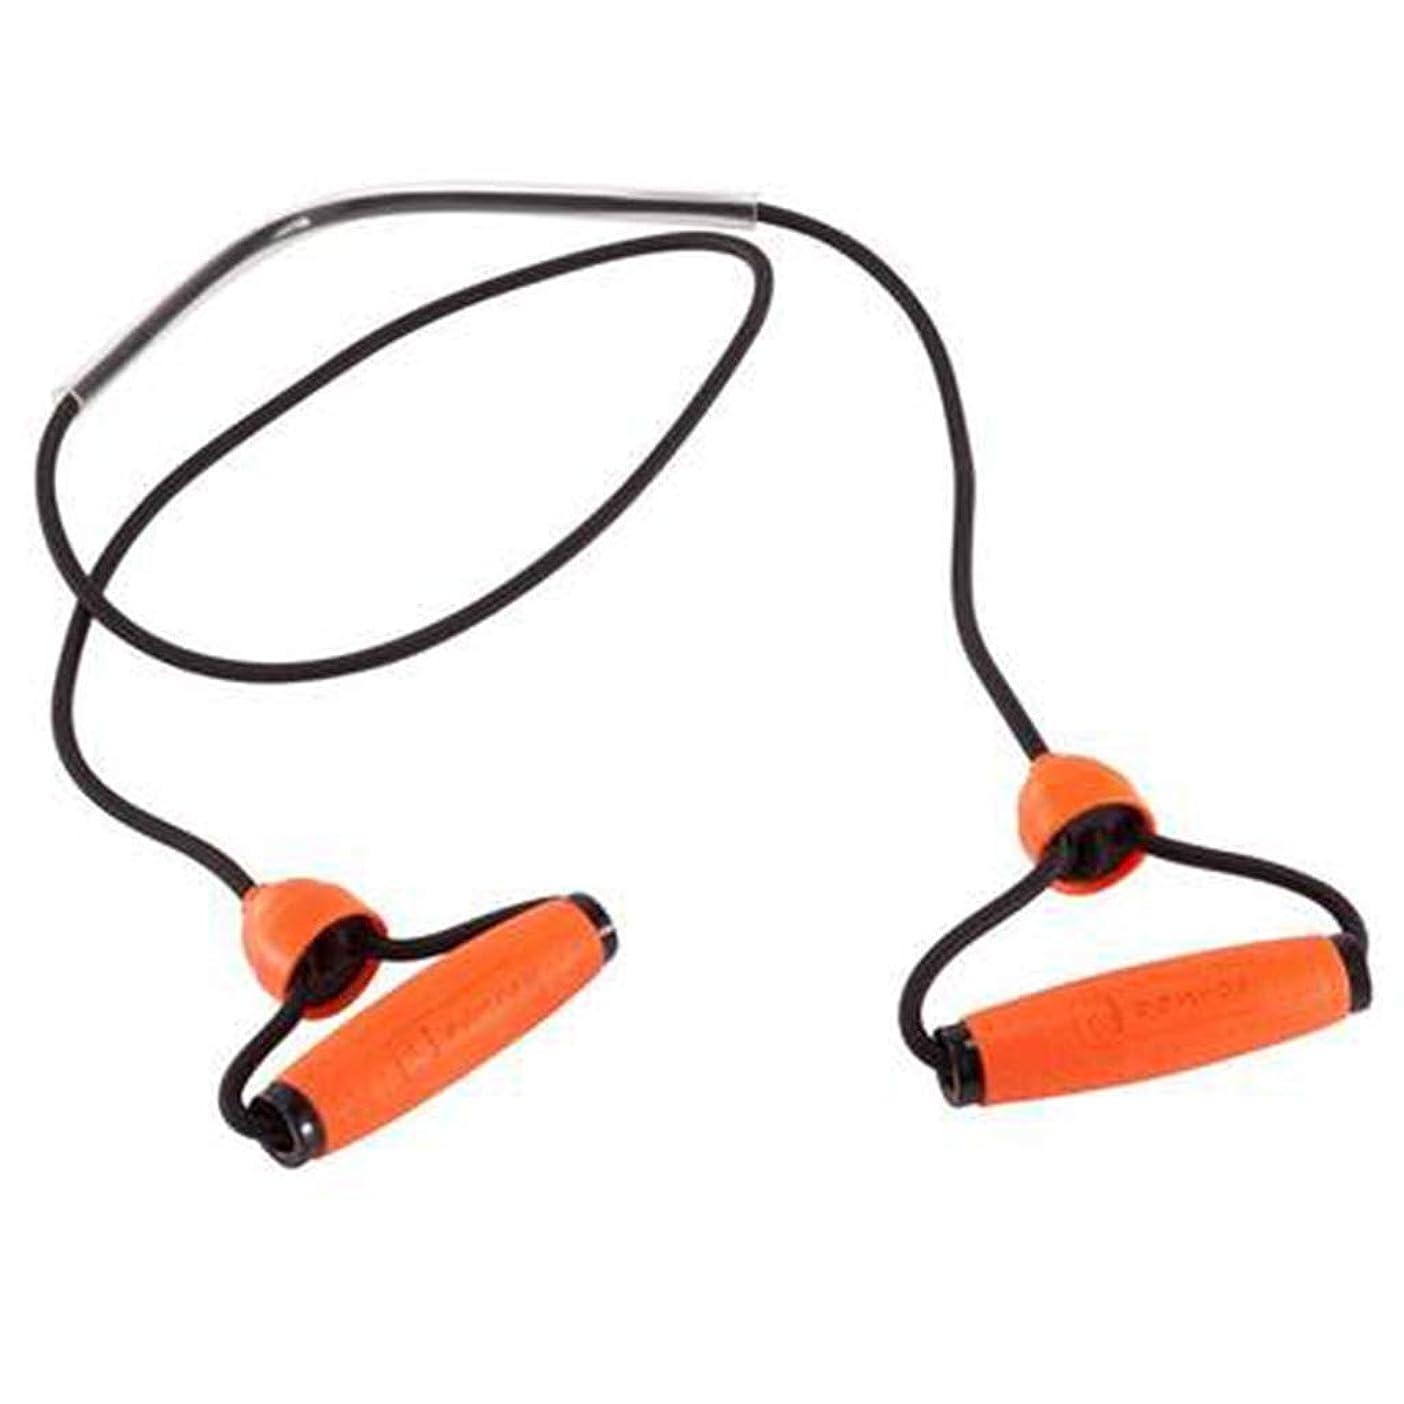 アリポルノ請求多機能ワードプルロープホームラリーフィットネス弾性ロープラテックスチューブアームの力の胸 (色 : Orange)